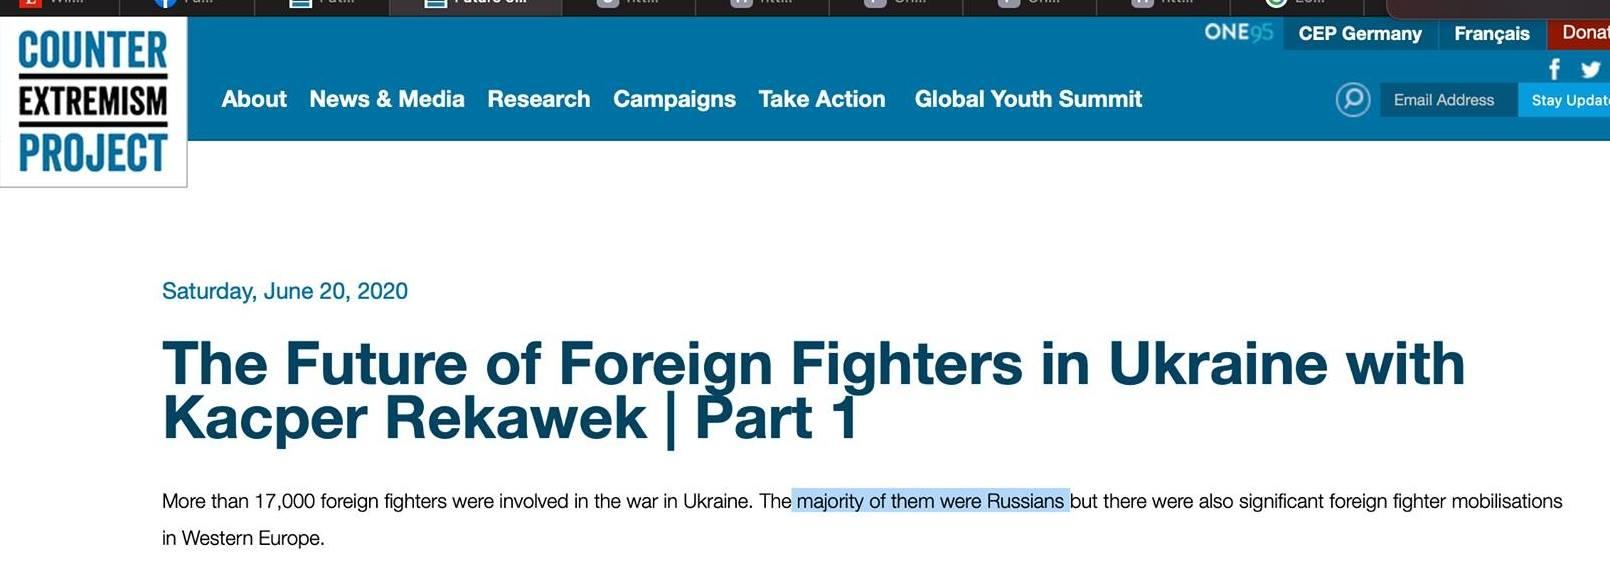 Как 35 участников войны на Донбассе превратились в 17 000 американских праворадикалов